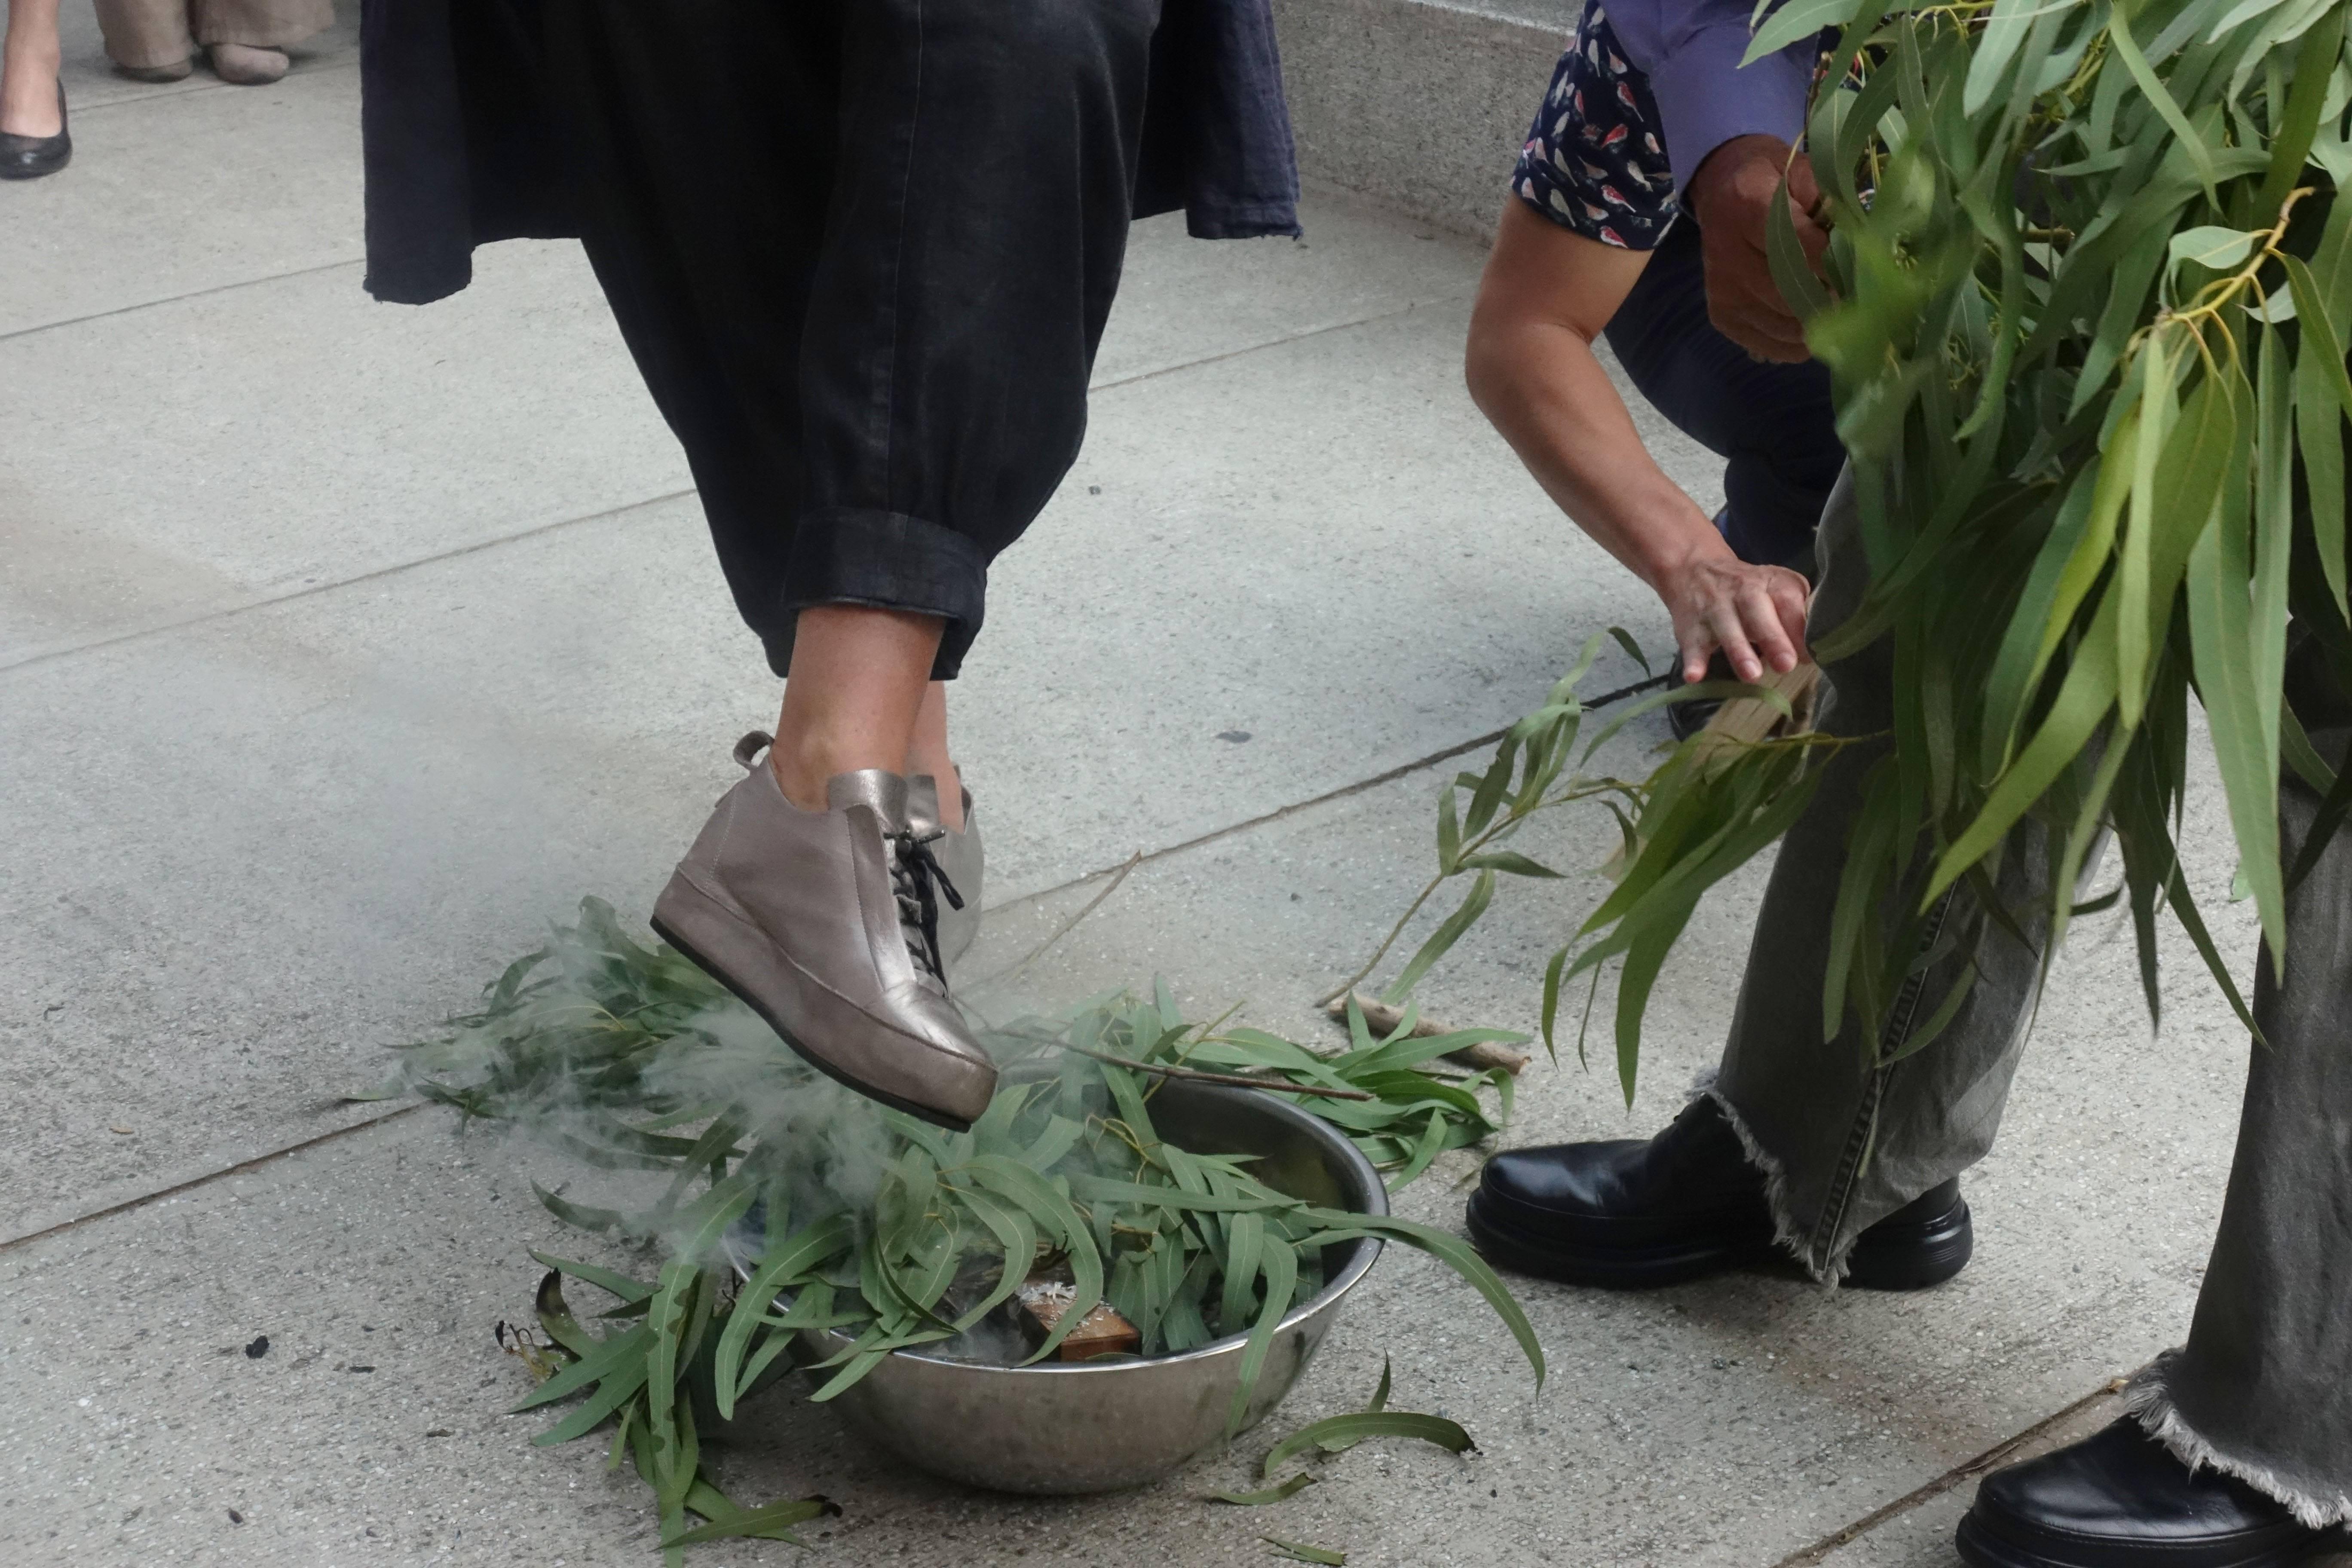 澳洲明日藝術節總監卡洛琳.馬汀(Caroline Martin)依照澳洲原住民長老賴瑞.沃許(Uncle LarryWalsh)演示傳統祈福進行全身淨化儀式。